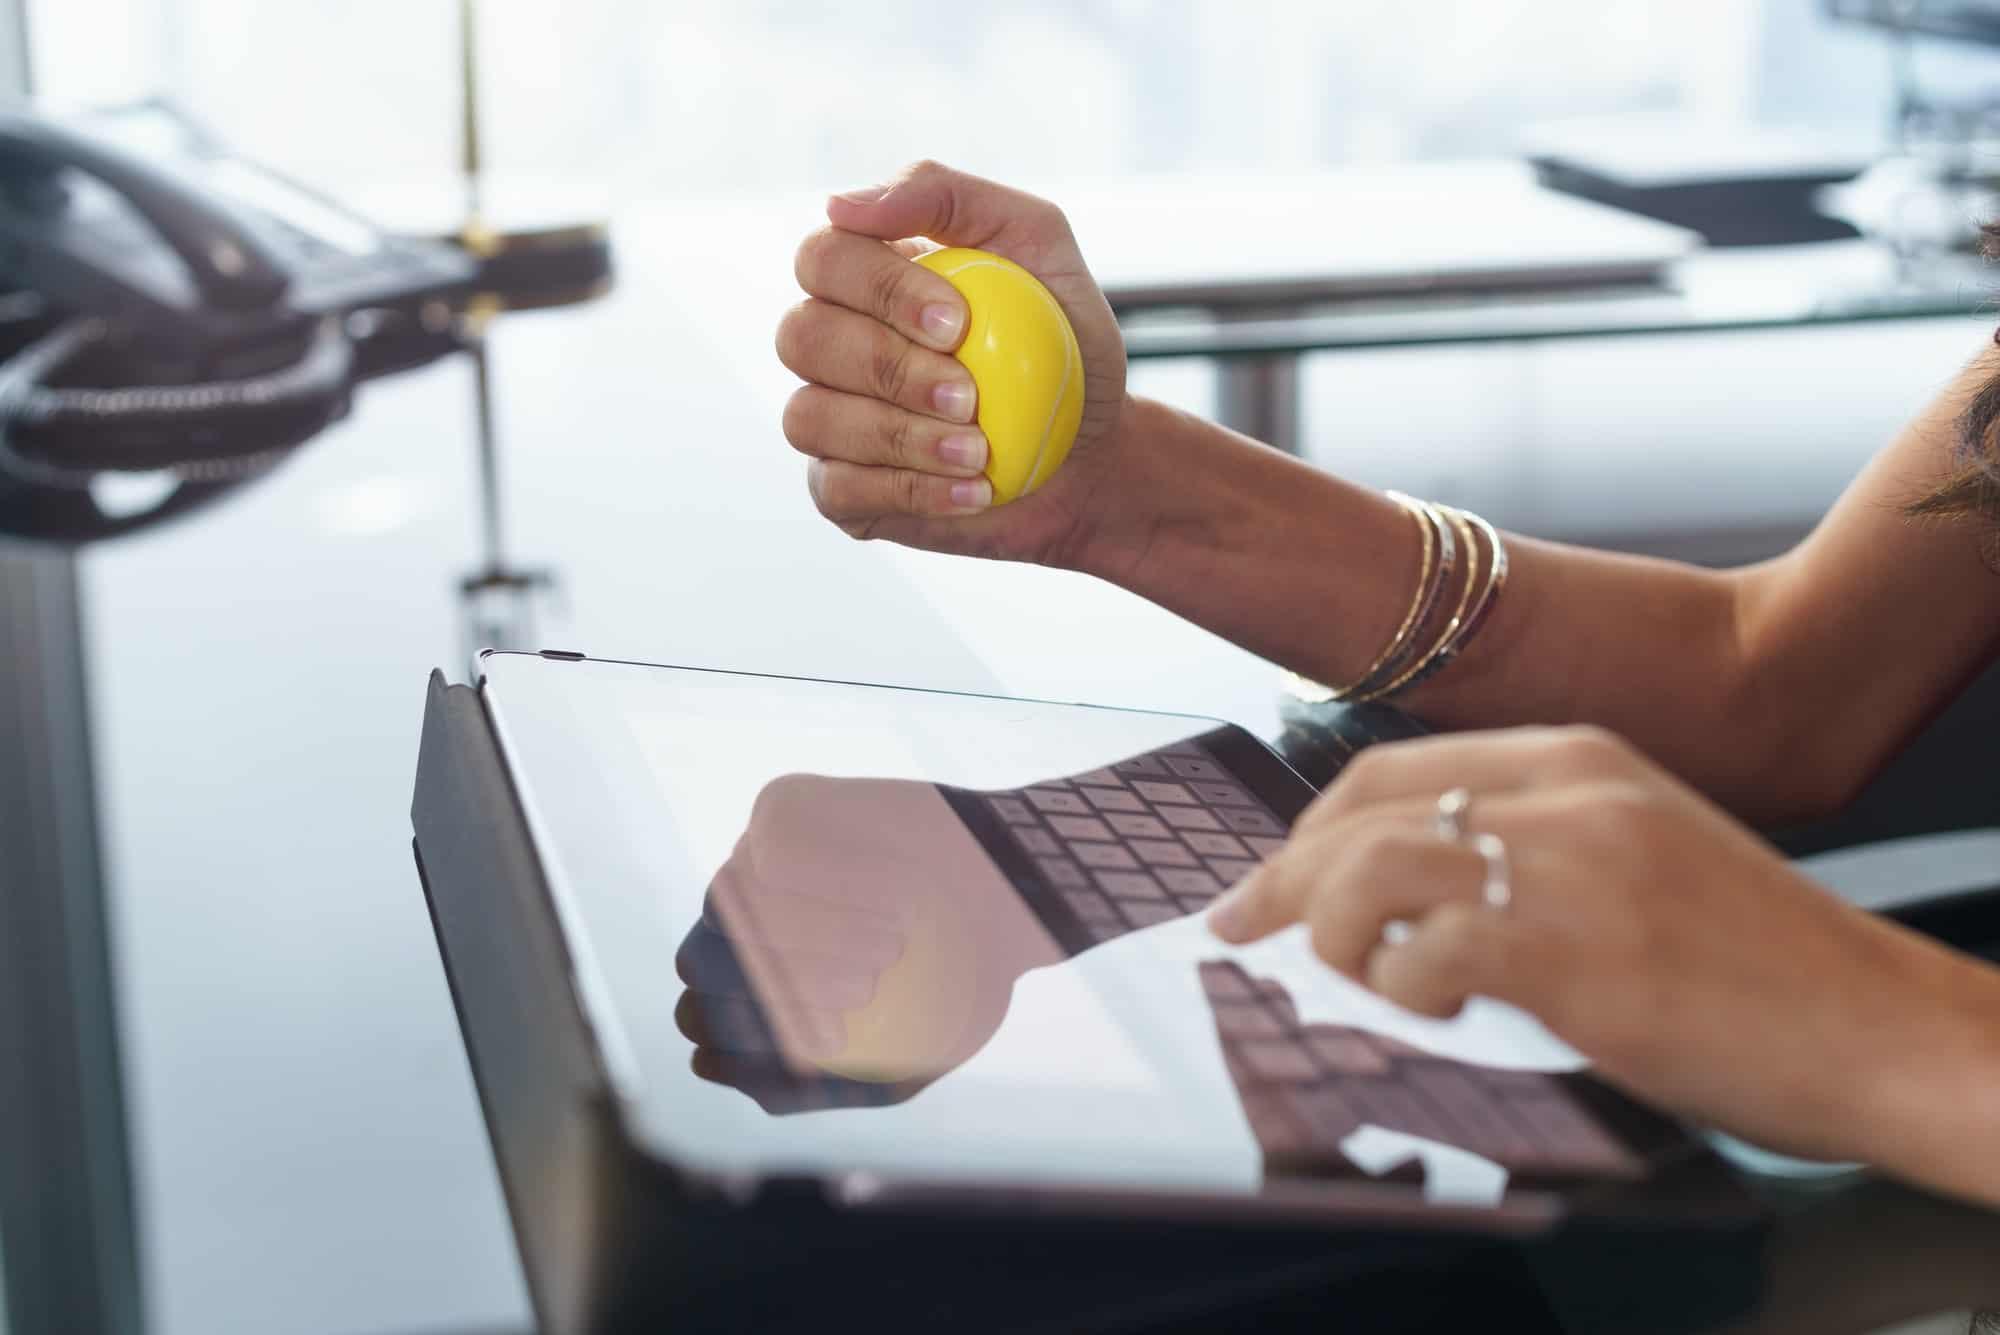 Femme stressé au bureau pressant d'une main une ball anti-stress et tapant un email sur sa tabelle de l'autre main